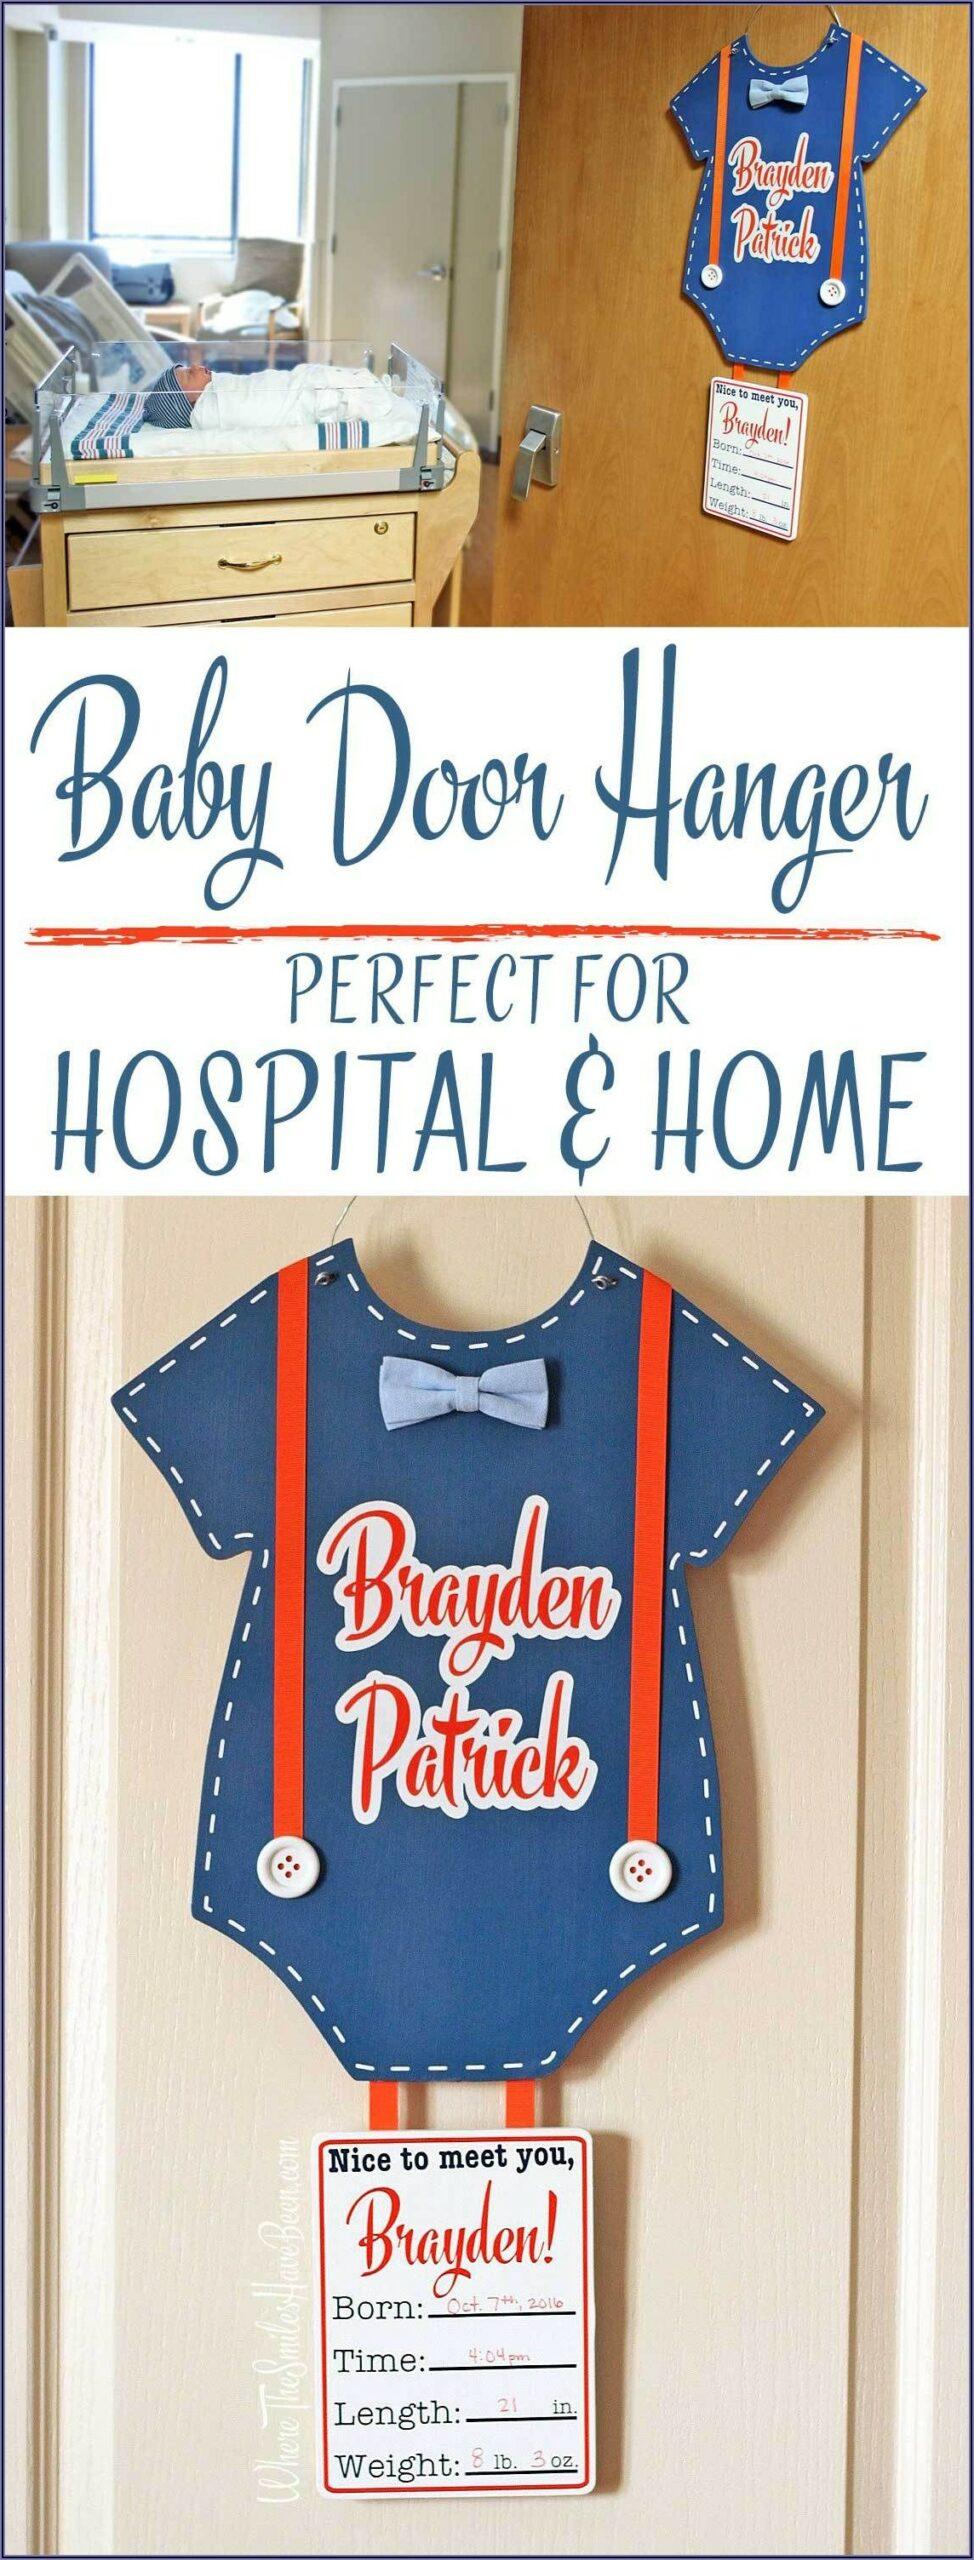 Baby Door Hangers For Hospital